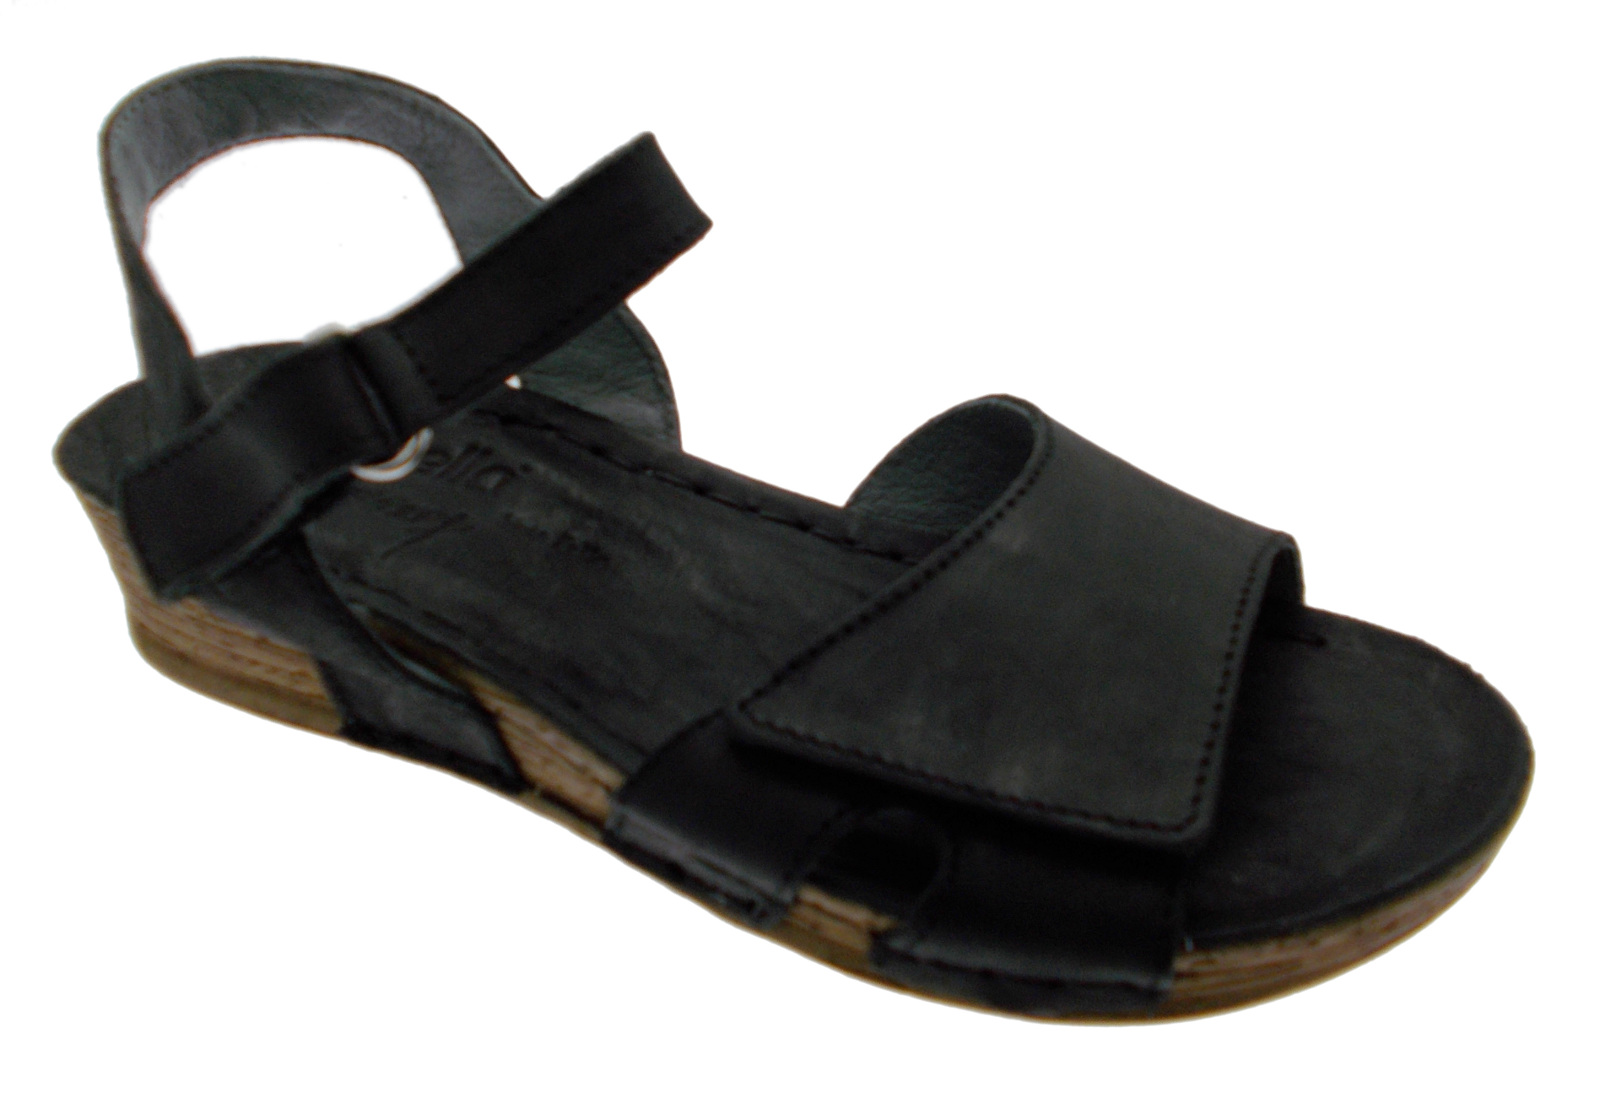 Sandale femme noire ouvert confortable compensé velcro article 10210 RIPOSELLA